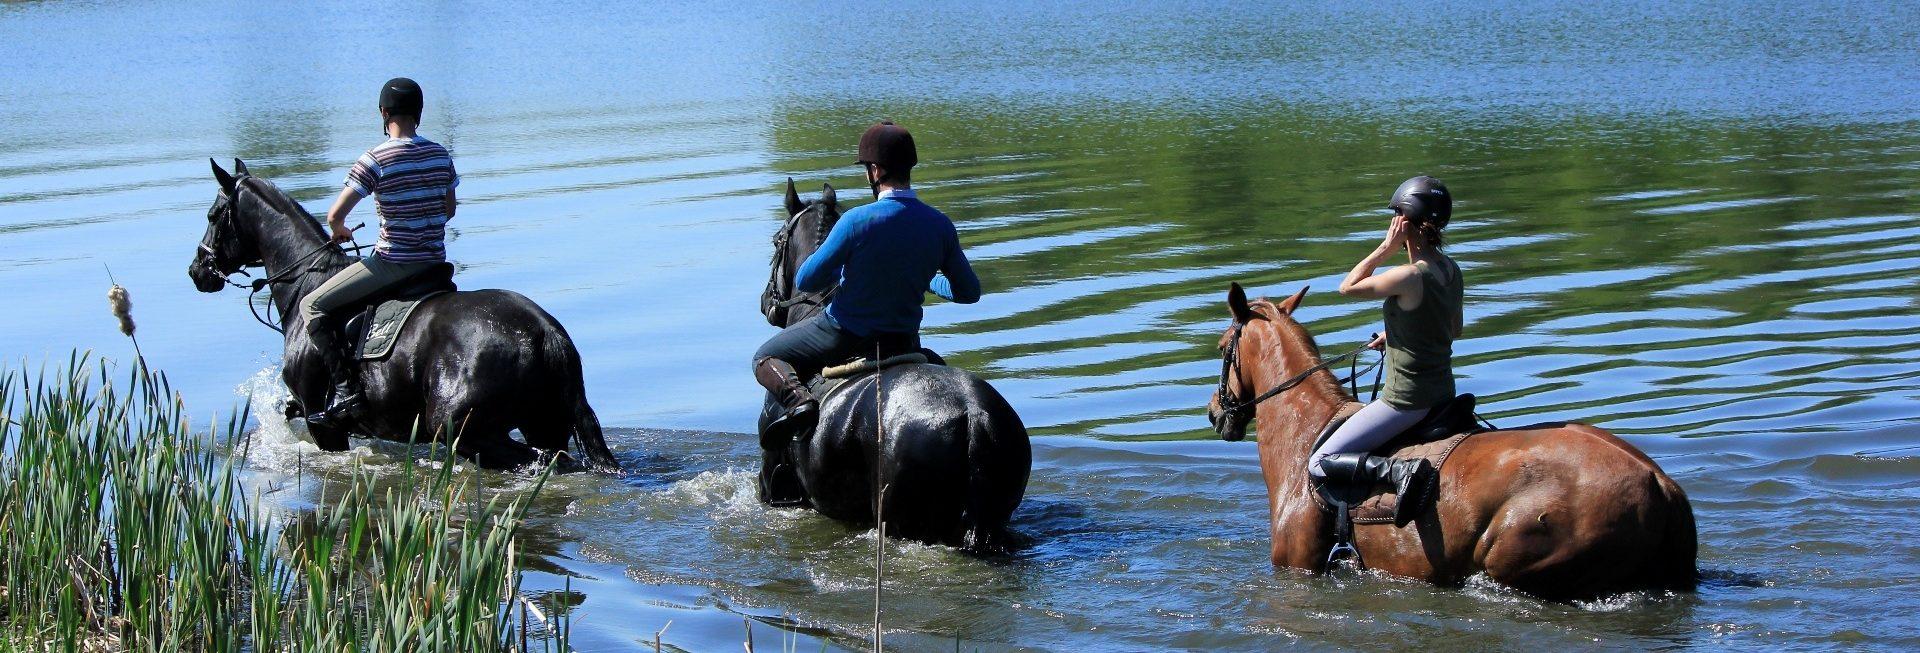 Zdjęcie przedstawiające trzech jeźdźców jadących na koniach brzegiem jeziora ze stadniny w Pałacu w Galinach.